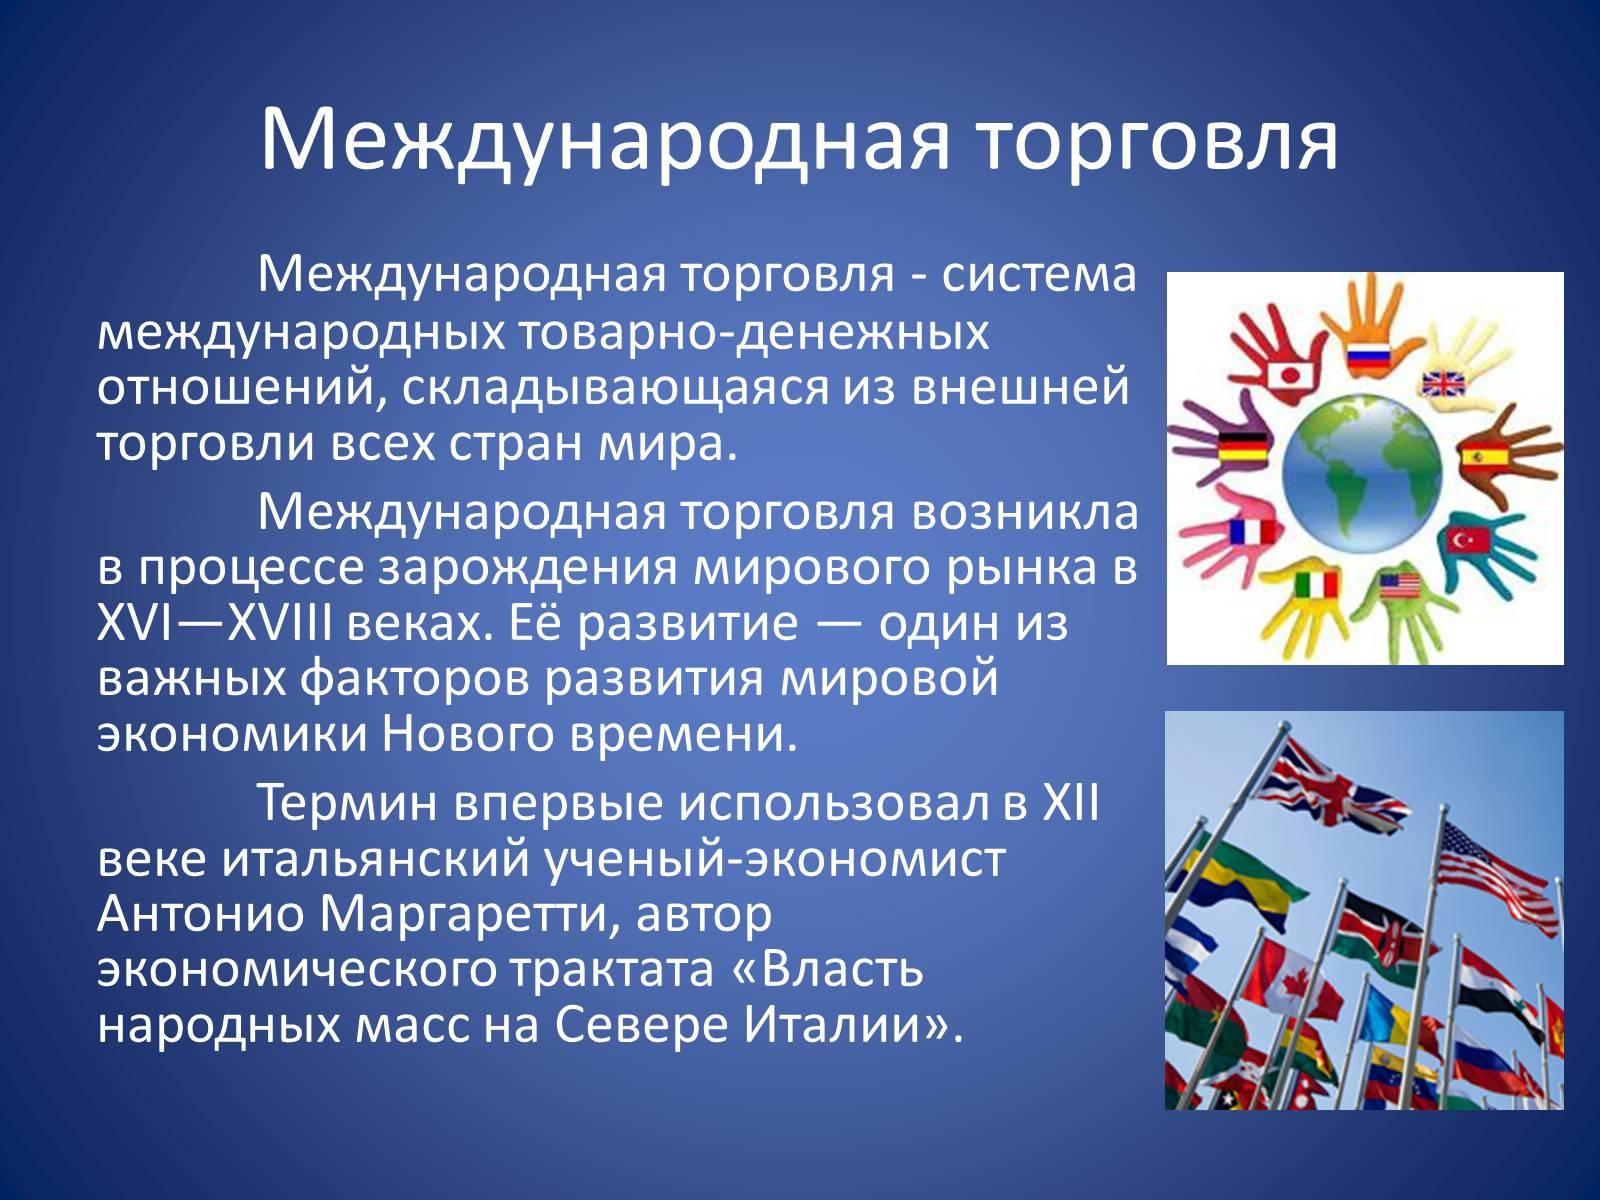 Международная торговля — википедия. что такое международная торговля